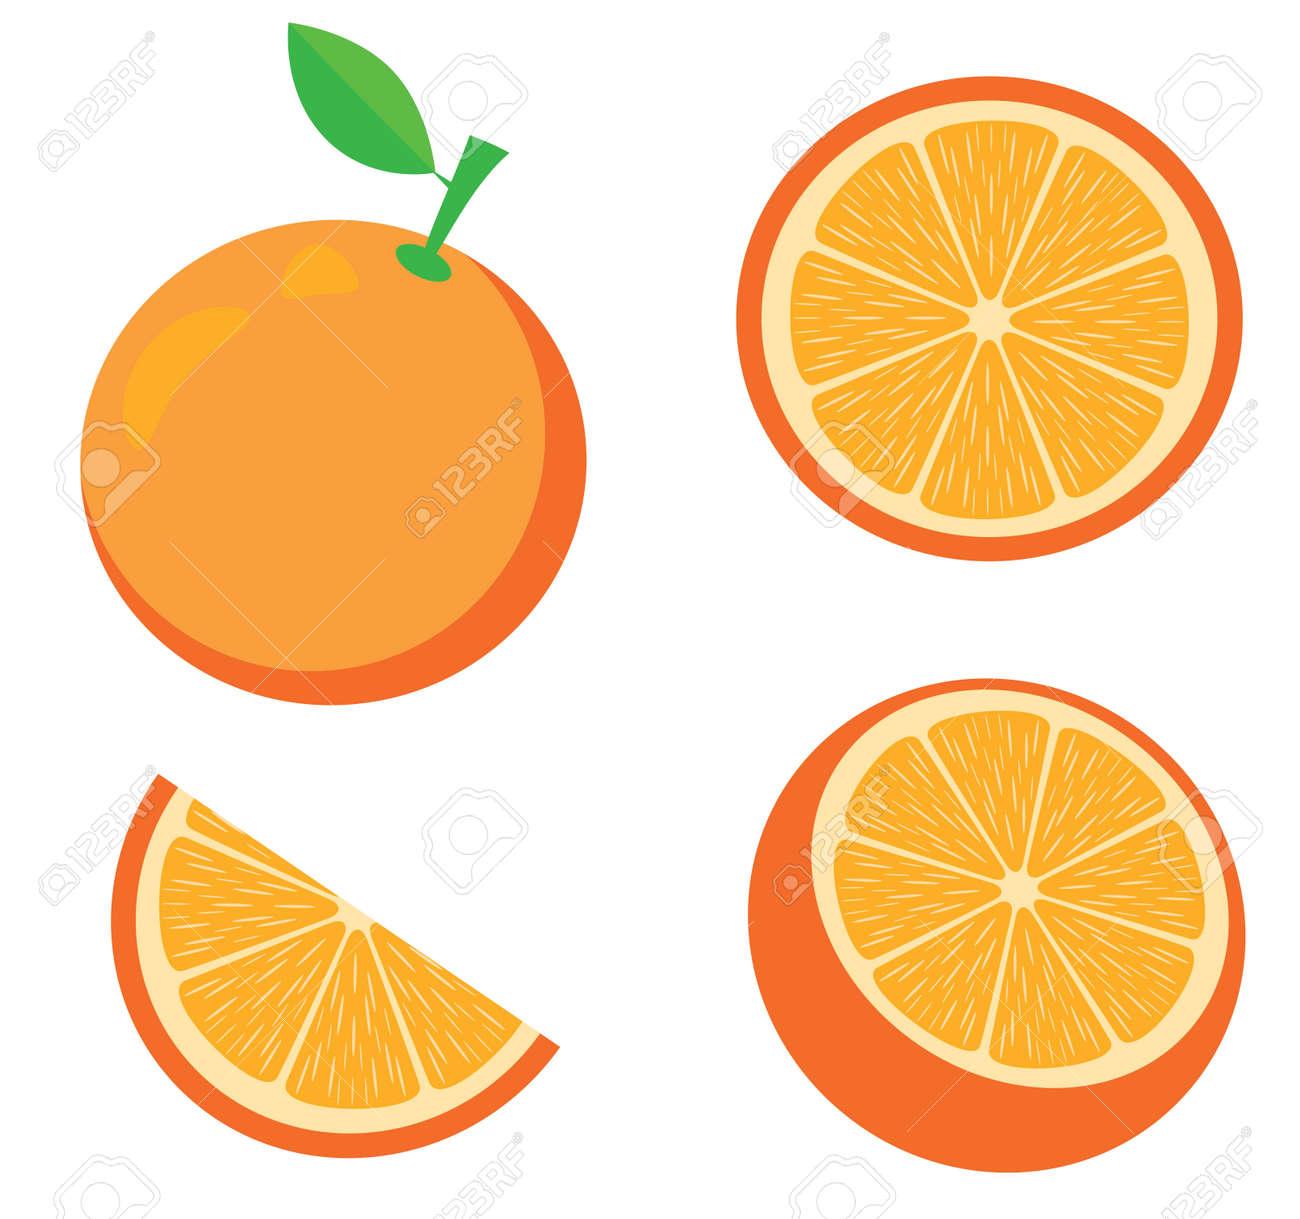 vector illustration of an orange. Fruits, slices, oranges. Fresh fruit background isolated on white. - 146033124